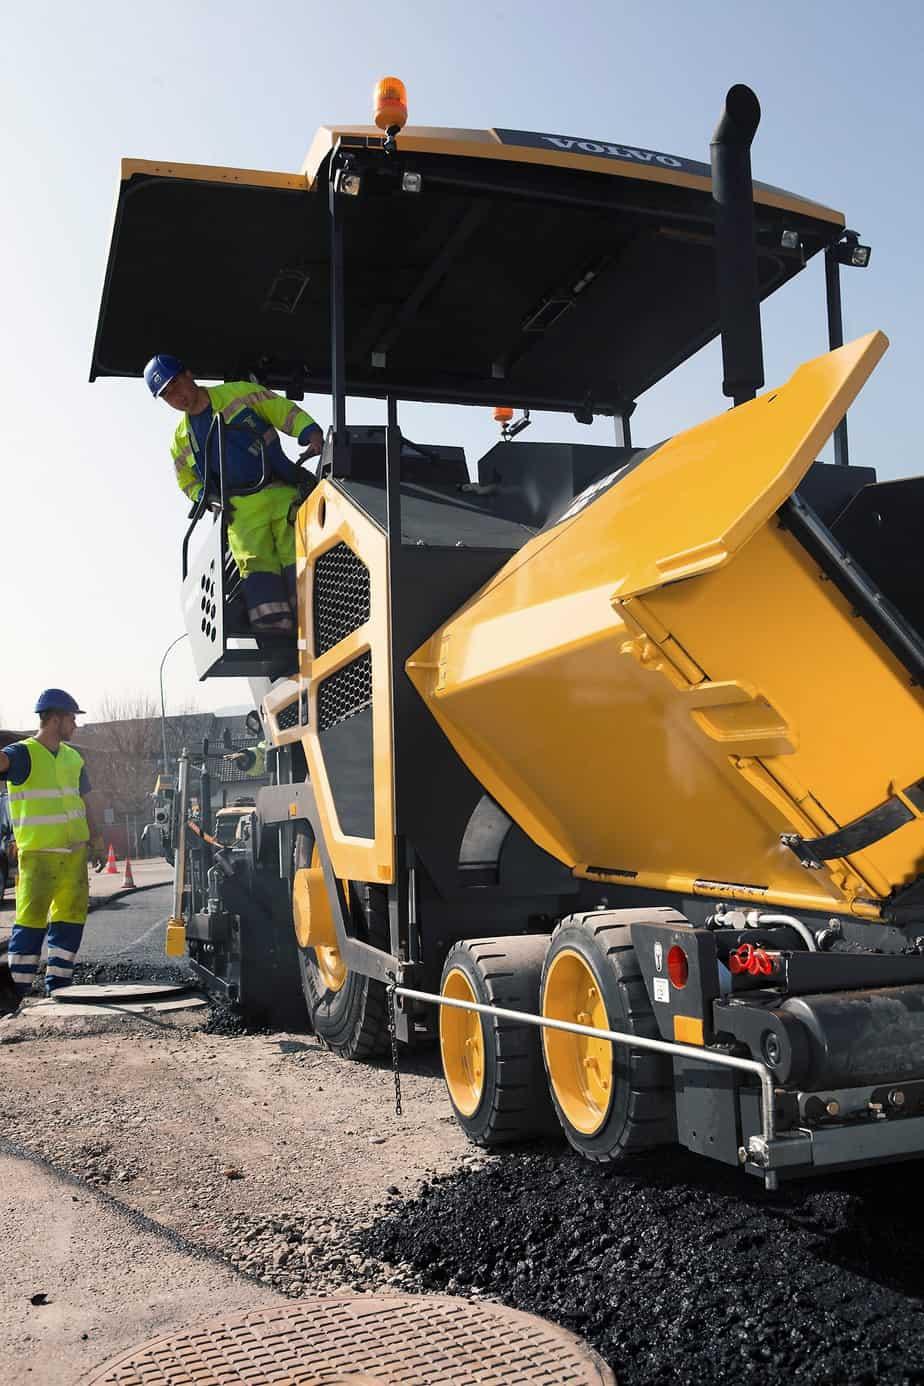 La tramoggia ha una capacità di 12 t e l'efficienza di pavimentazione in sinergia con il nastro trasportatore garantisce la qualità e miscelazione costante del materiale